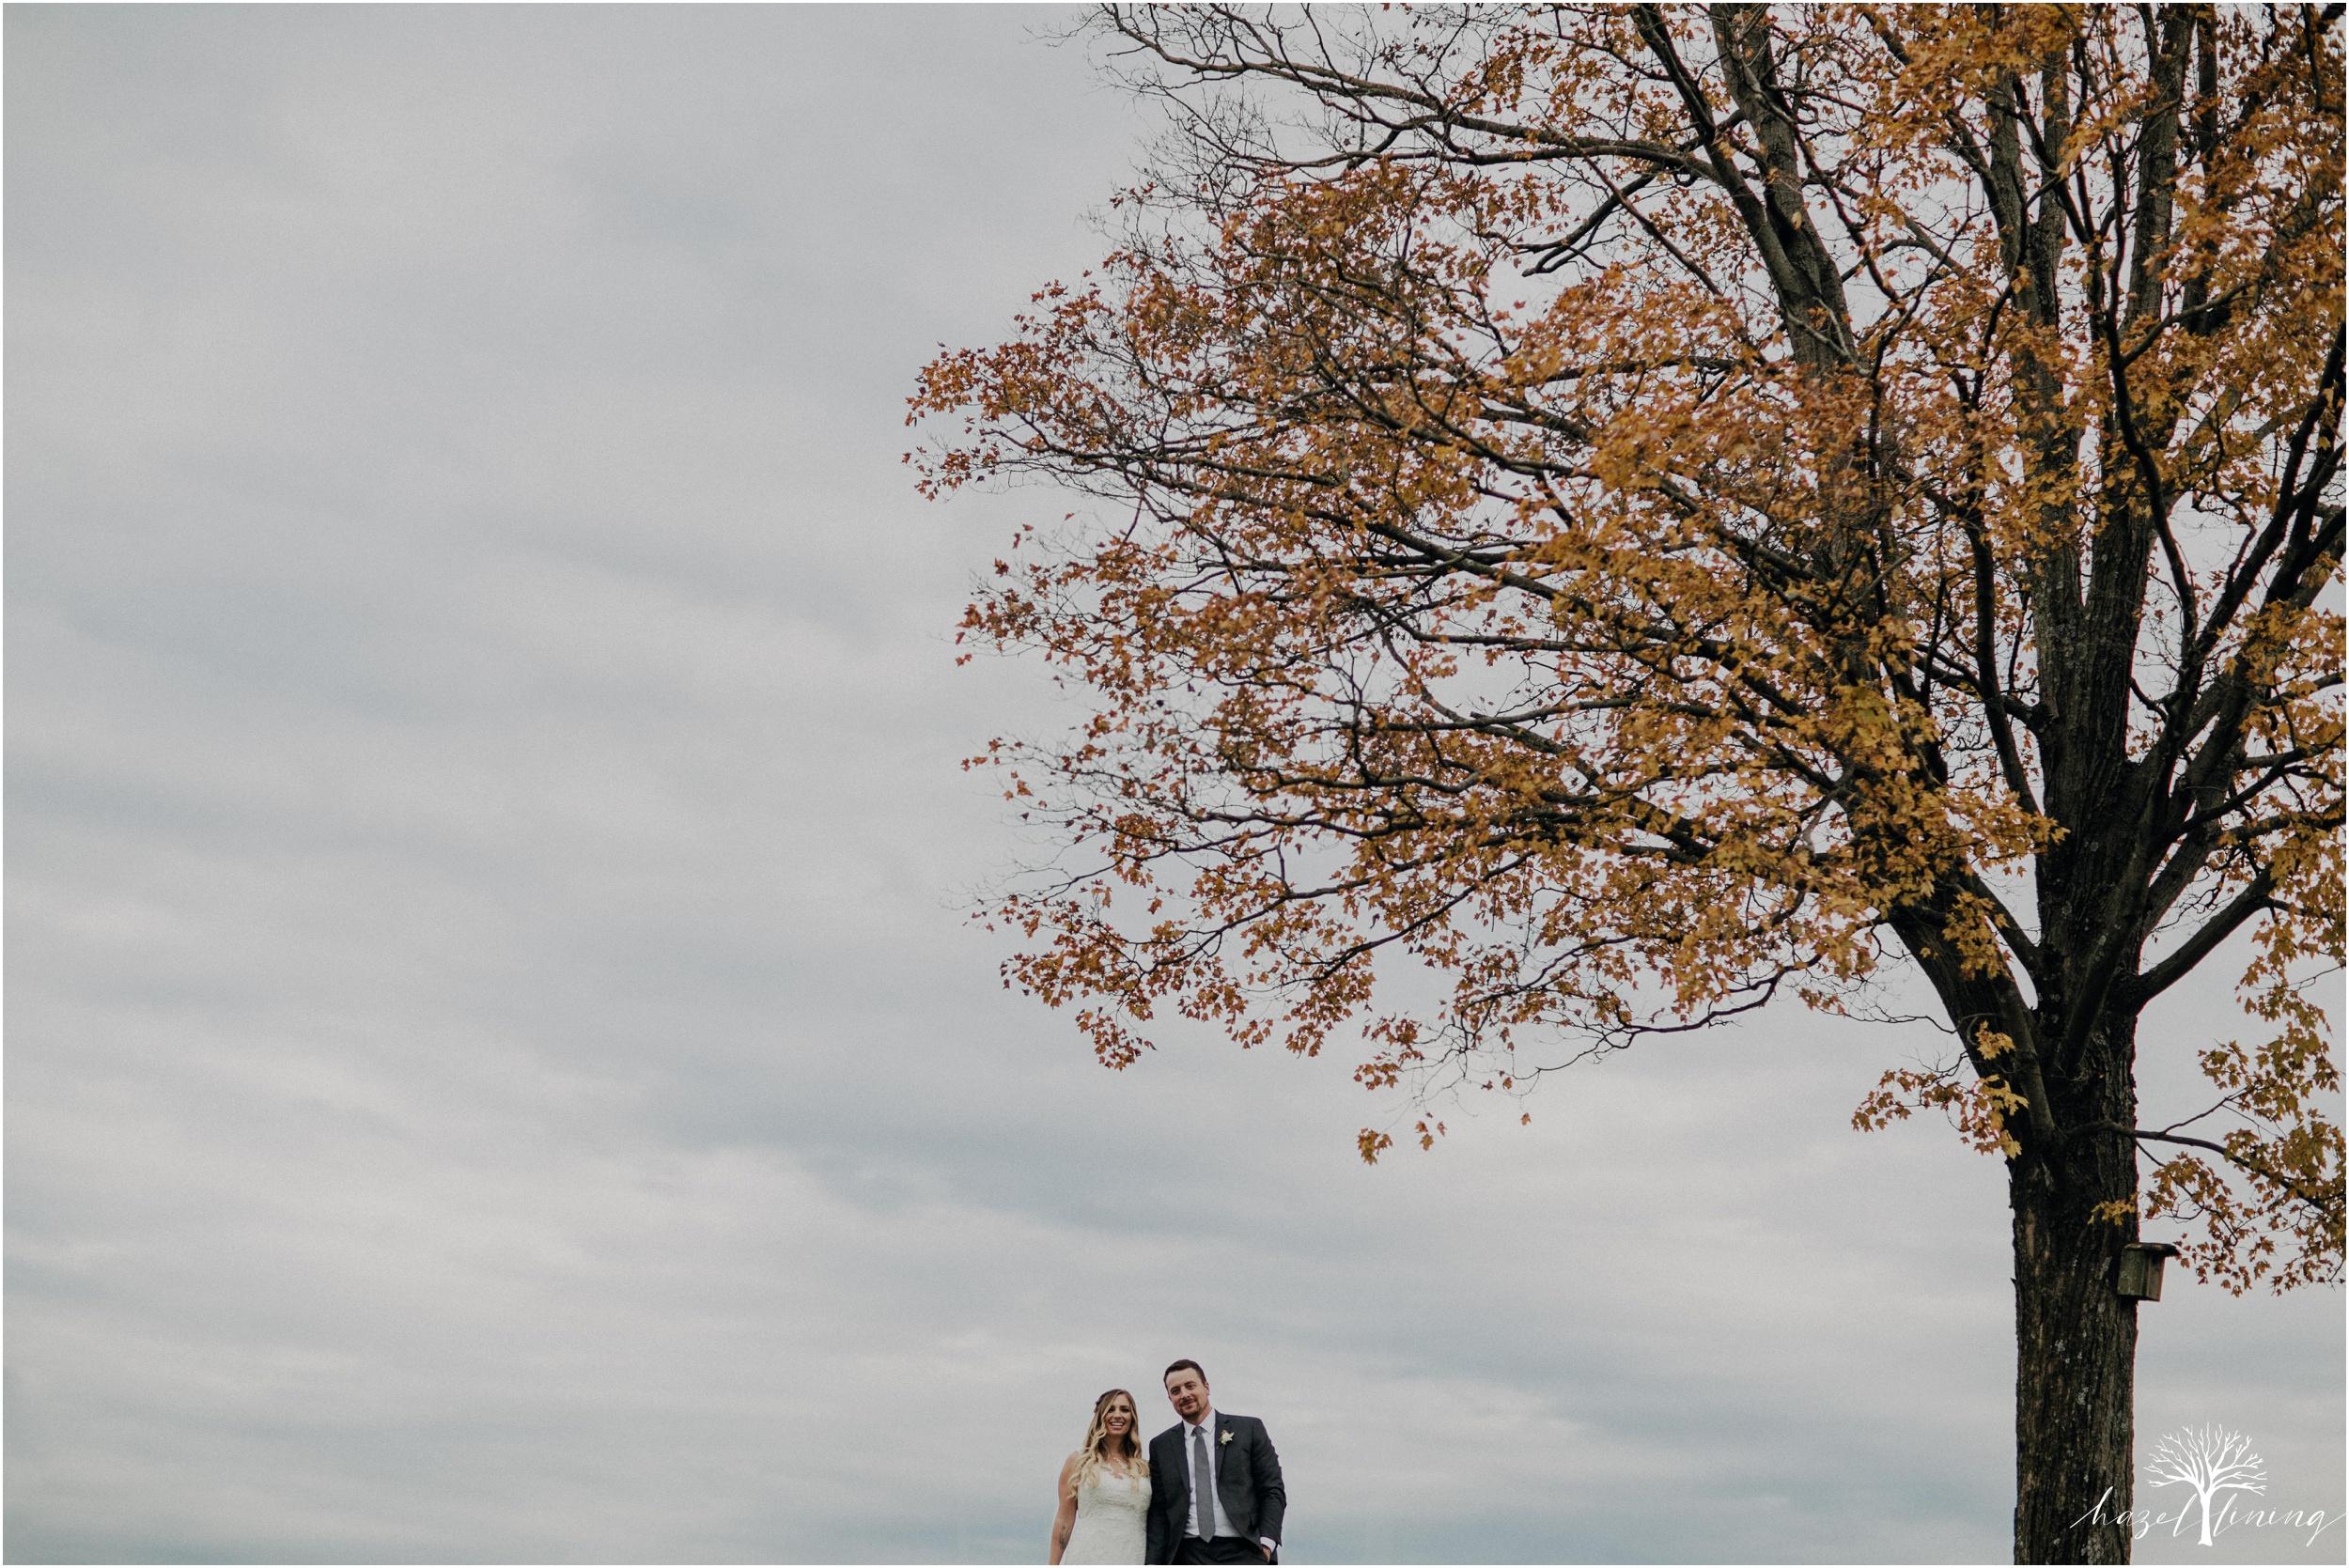 jessie-martin-zach-umlauf-olde-homestead-golfclub-outdoor-autumn-wedding_0129.jpg